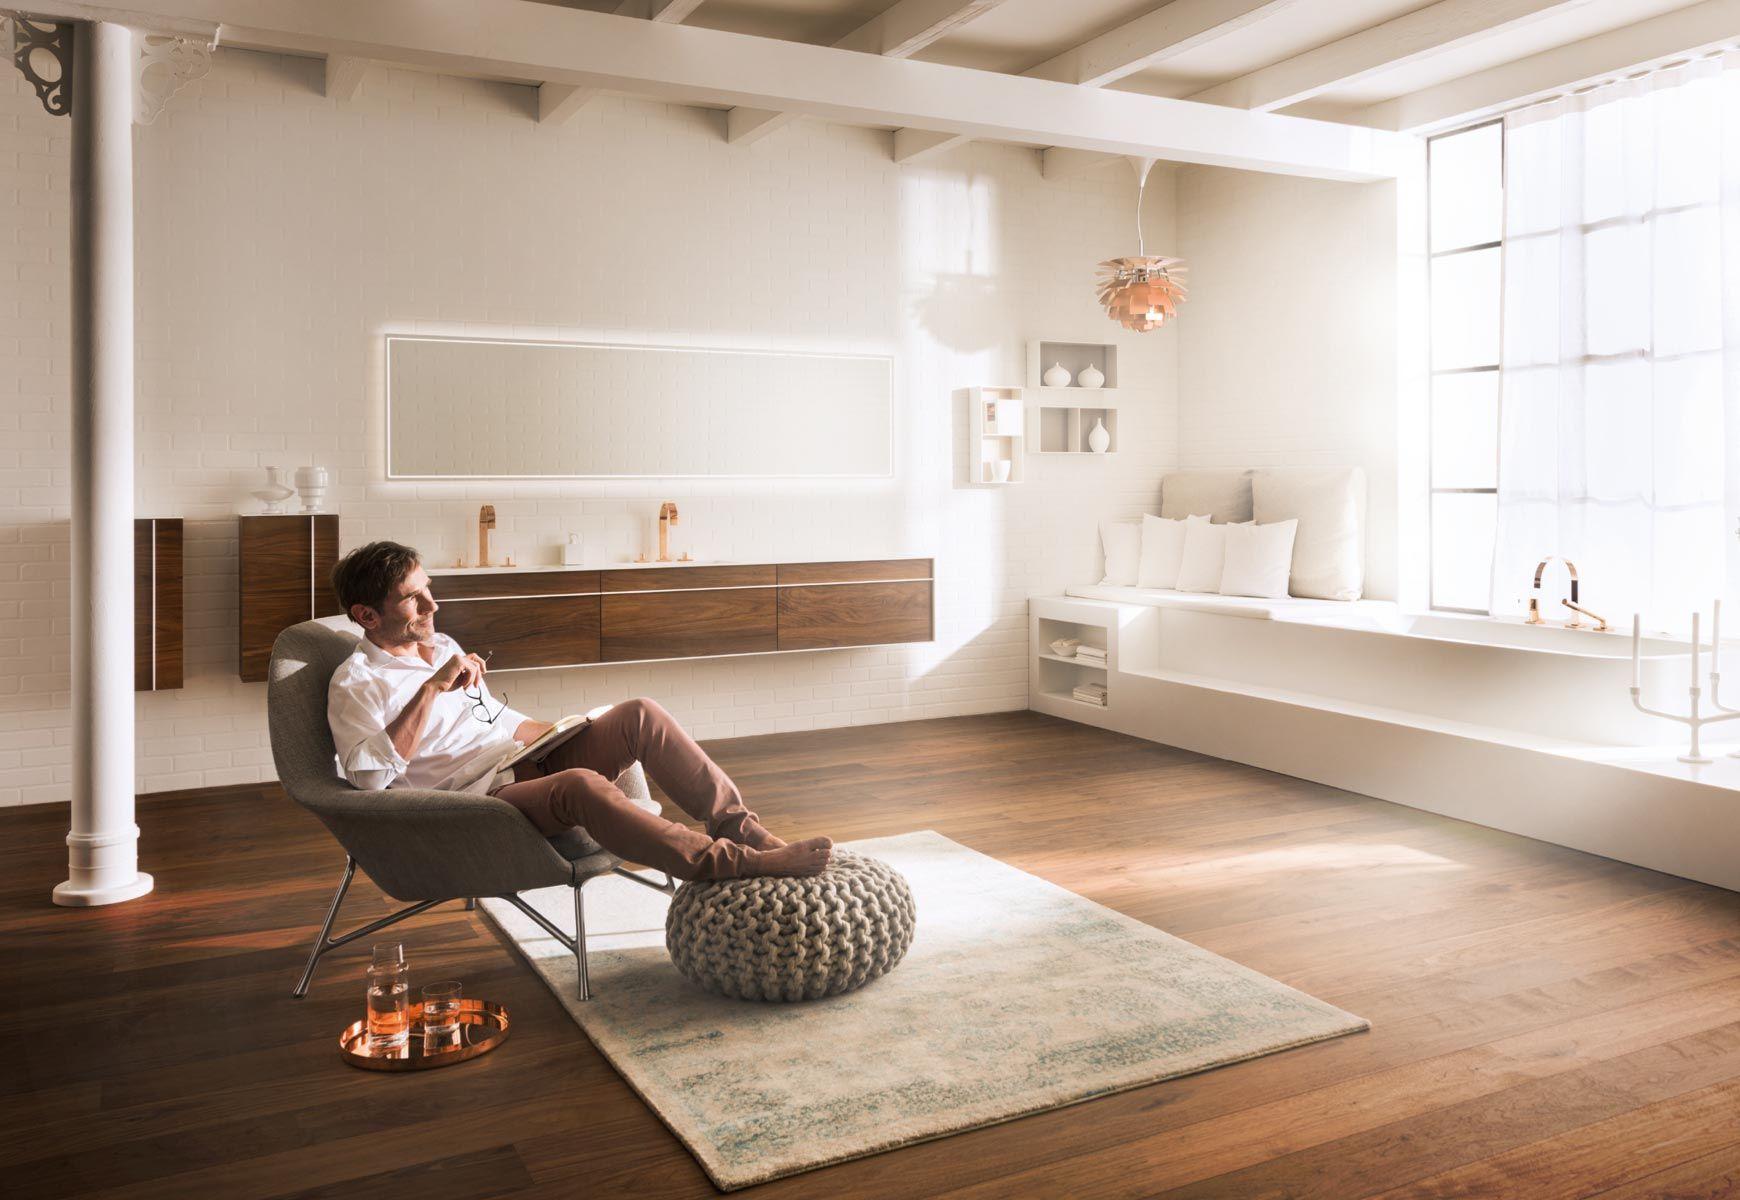 Badezimmer Ausstellung Top Beratung Grosse Auswahl Talsee Bath